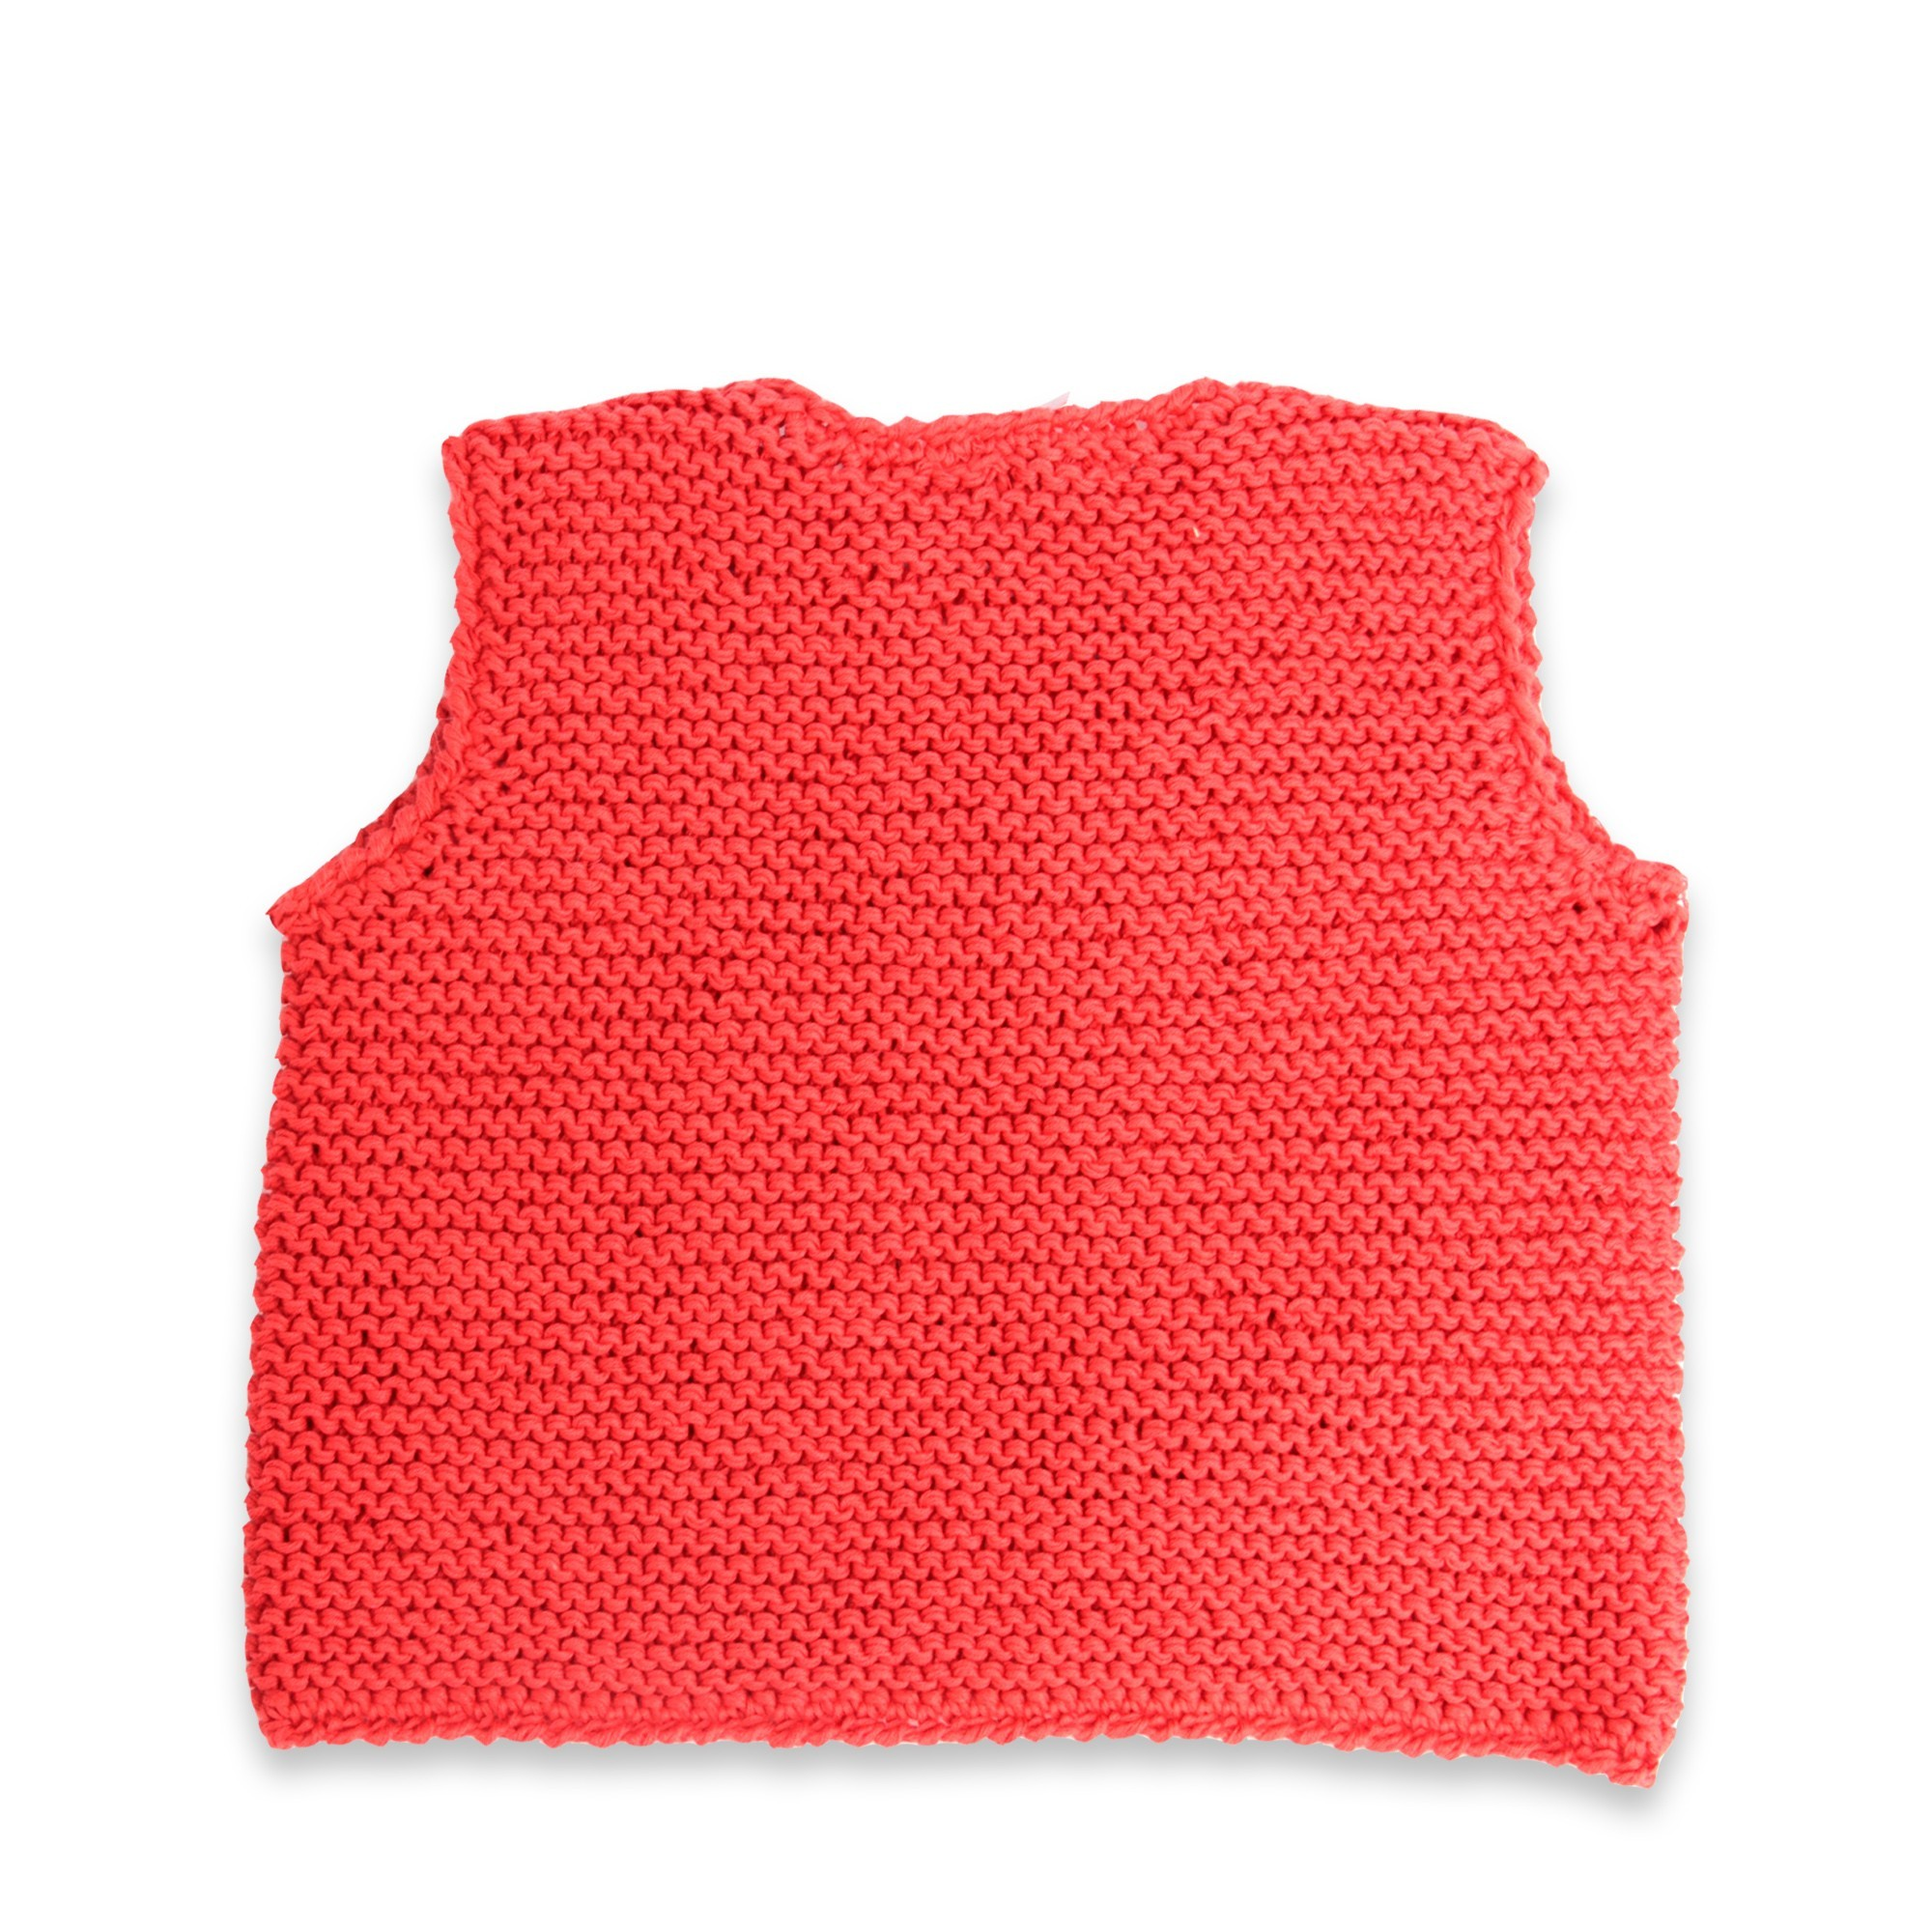 Gilet sans manche Lucette corail 100% coton dos